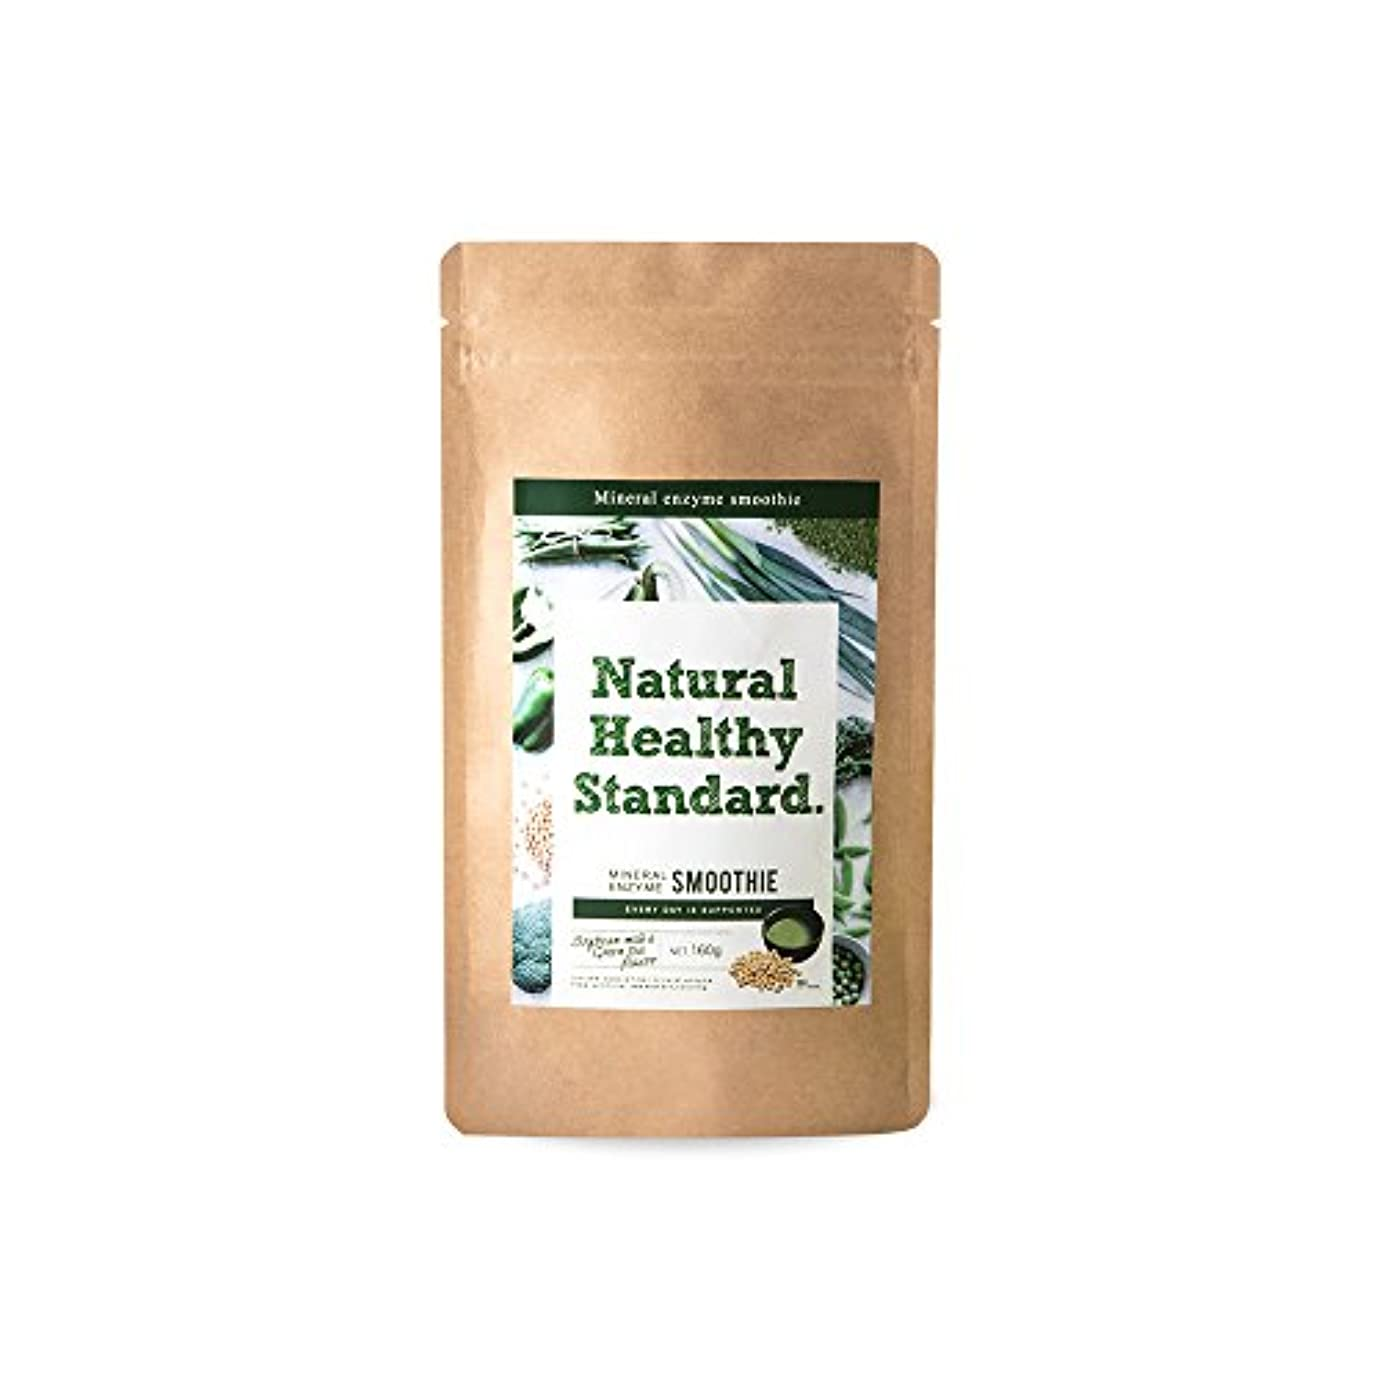 ビーチコインランドリー安心させるNaturalHealthyStandard(ナチュラルヘルシースタンダード) ミネラル酵素グリーンスムージー 豆乳抹茶味 160g